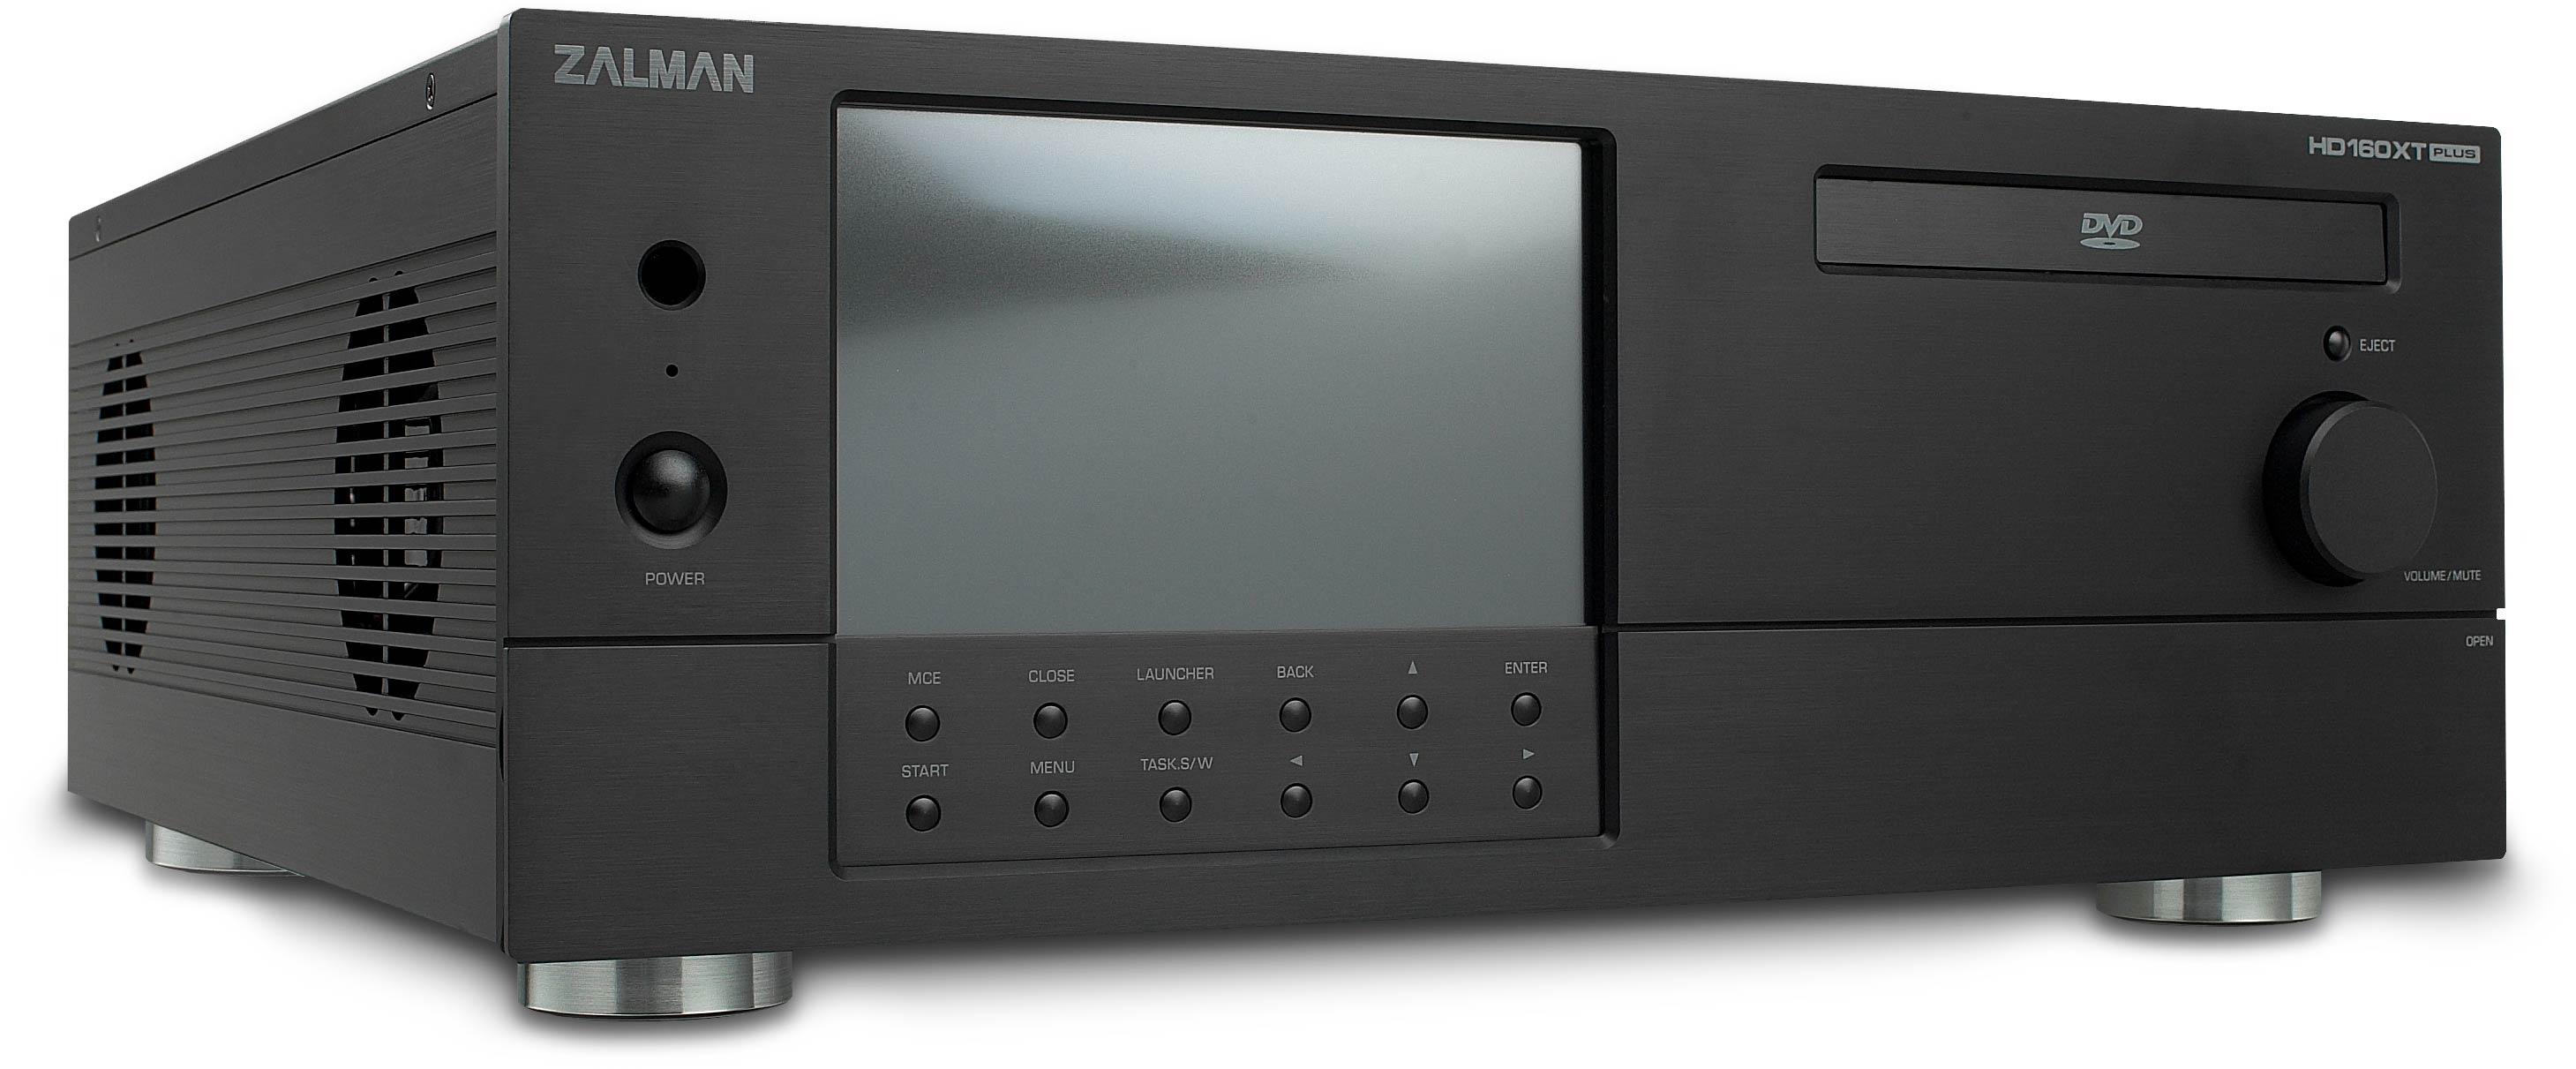 ZALMAN HD160XT DRIVERS WINDOWS XP